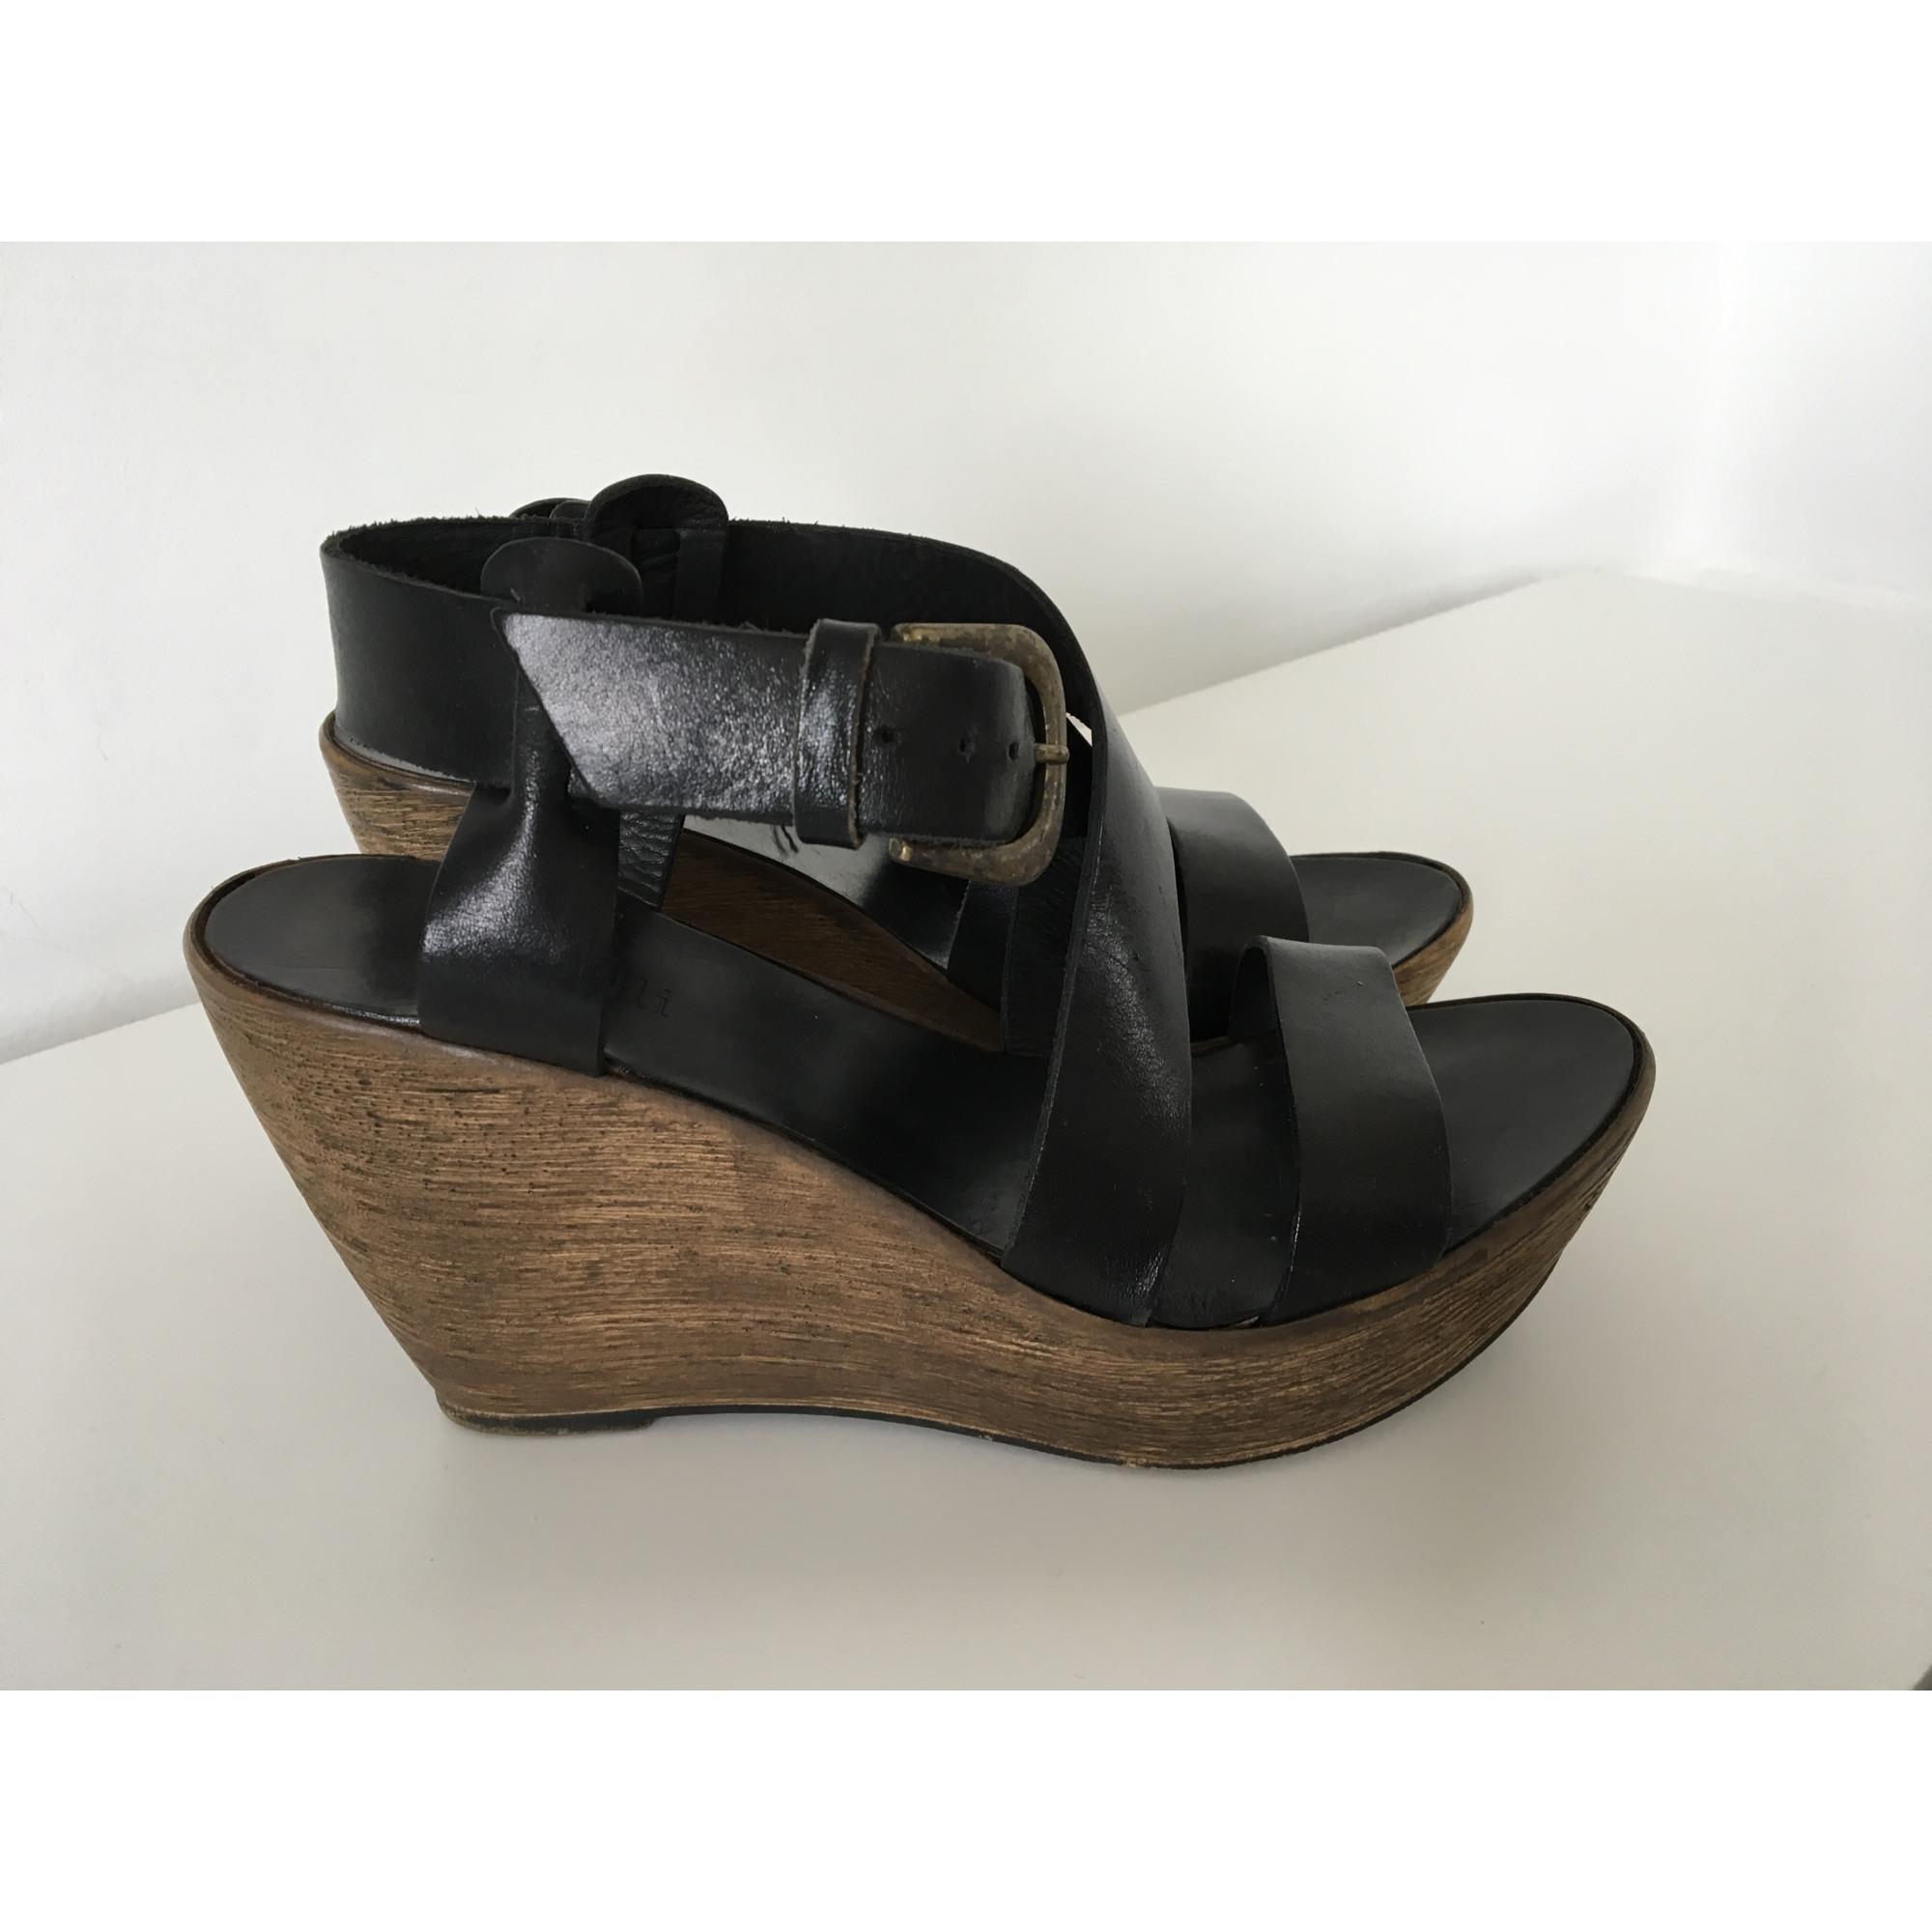 Minelli 39 Sandales 7401236 Noir Compensées 8OZn0wNXPk